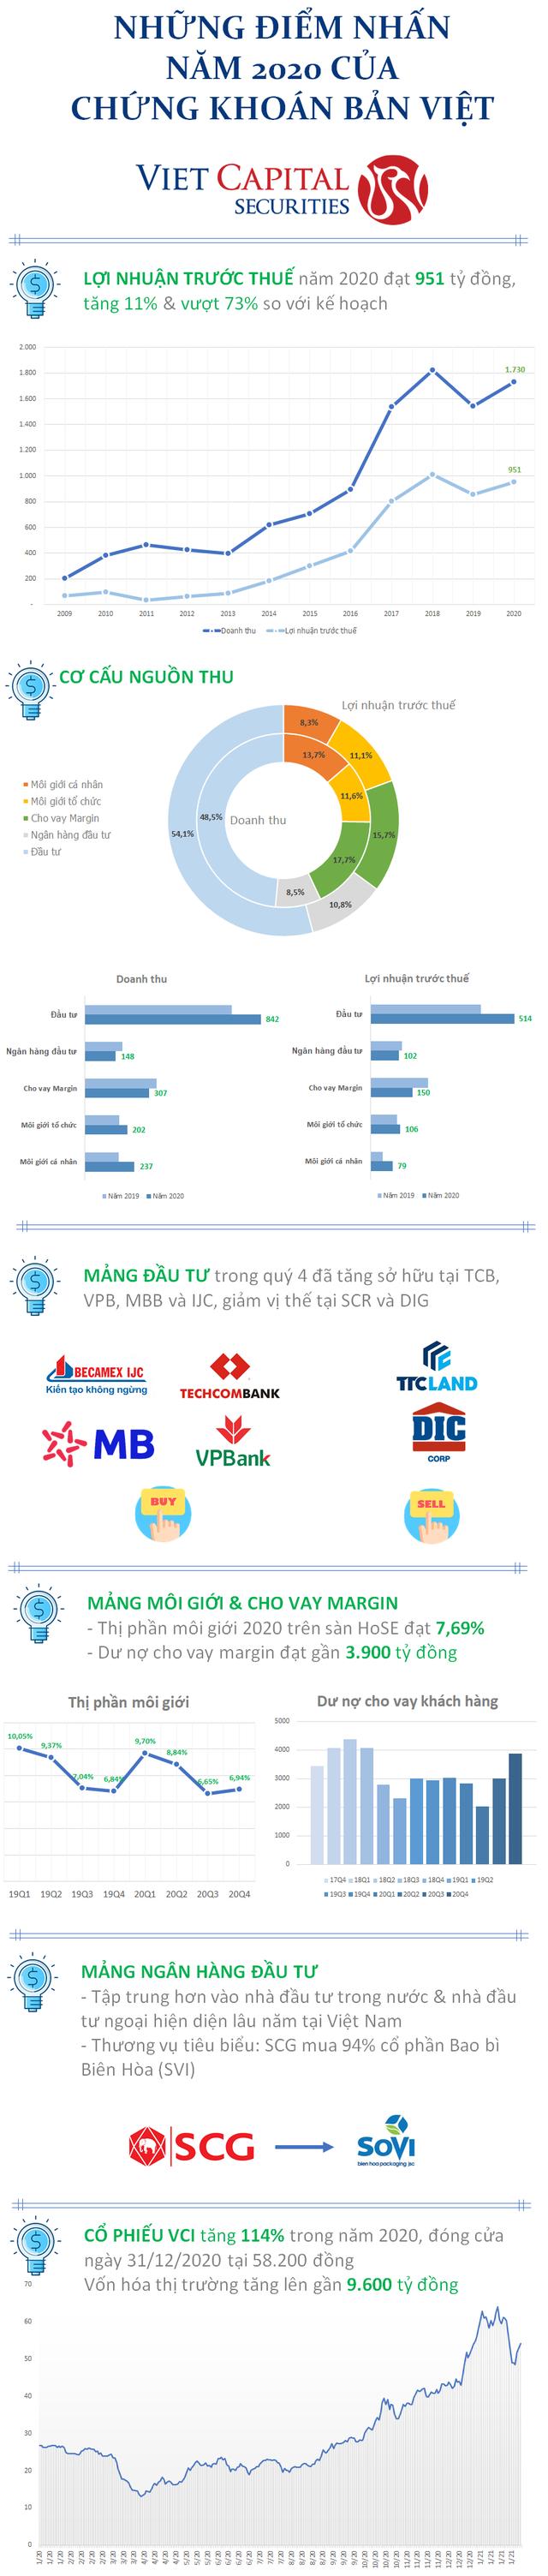 Chứng khoán Bản Việt: Năm 2020 rực rỡ ở tất cả mảng kinh doanh chủ chốt - Ảnh 1.